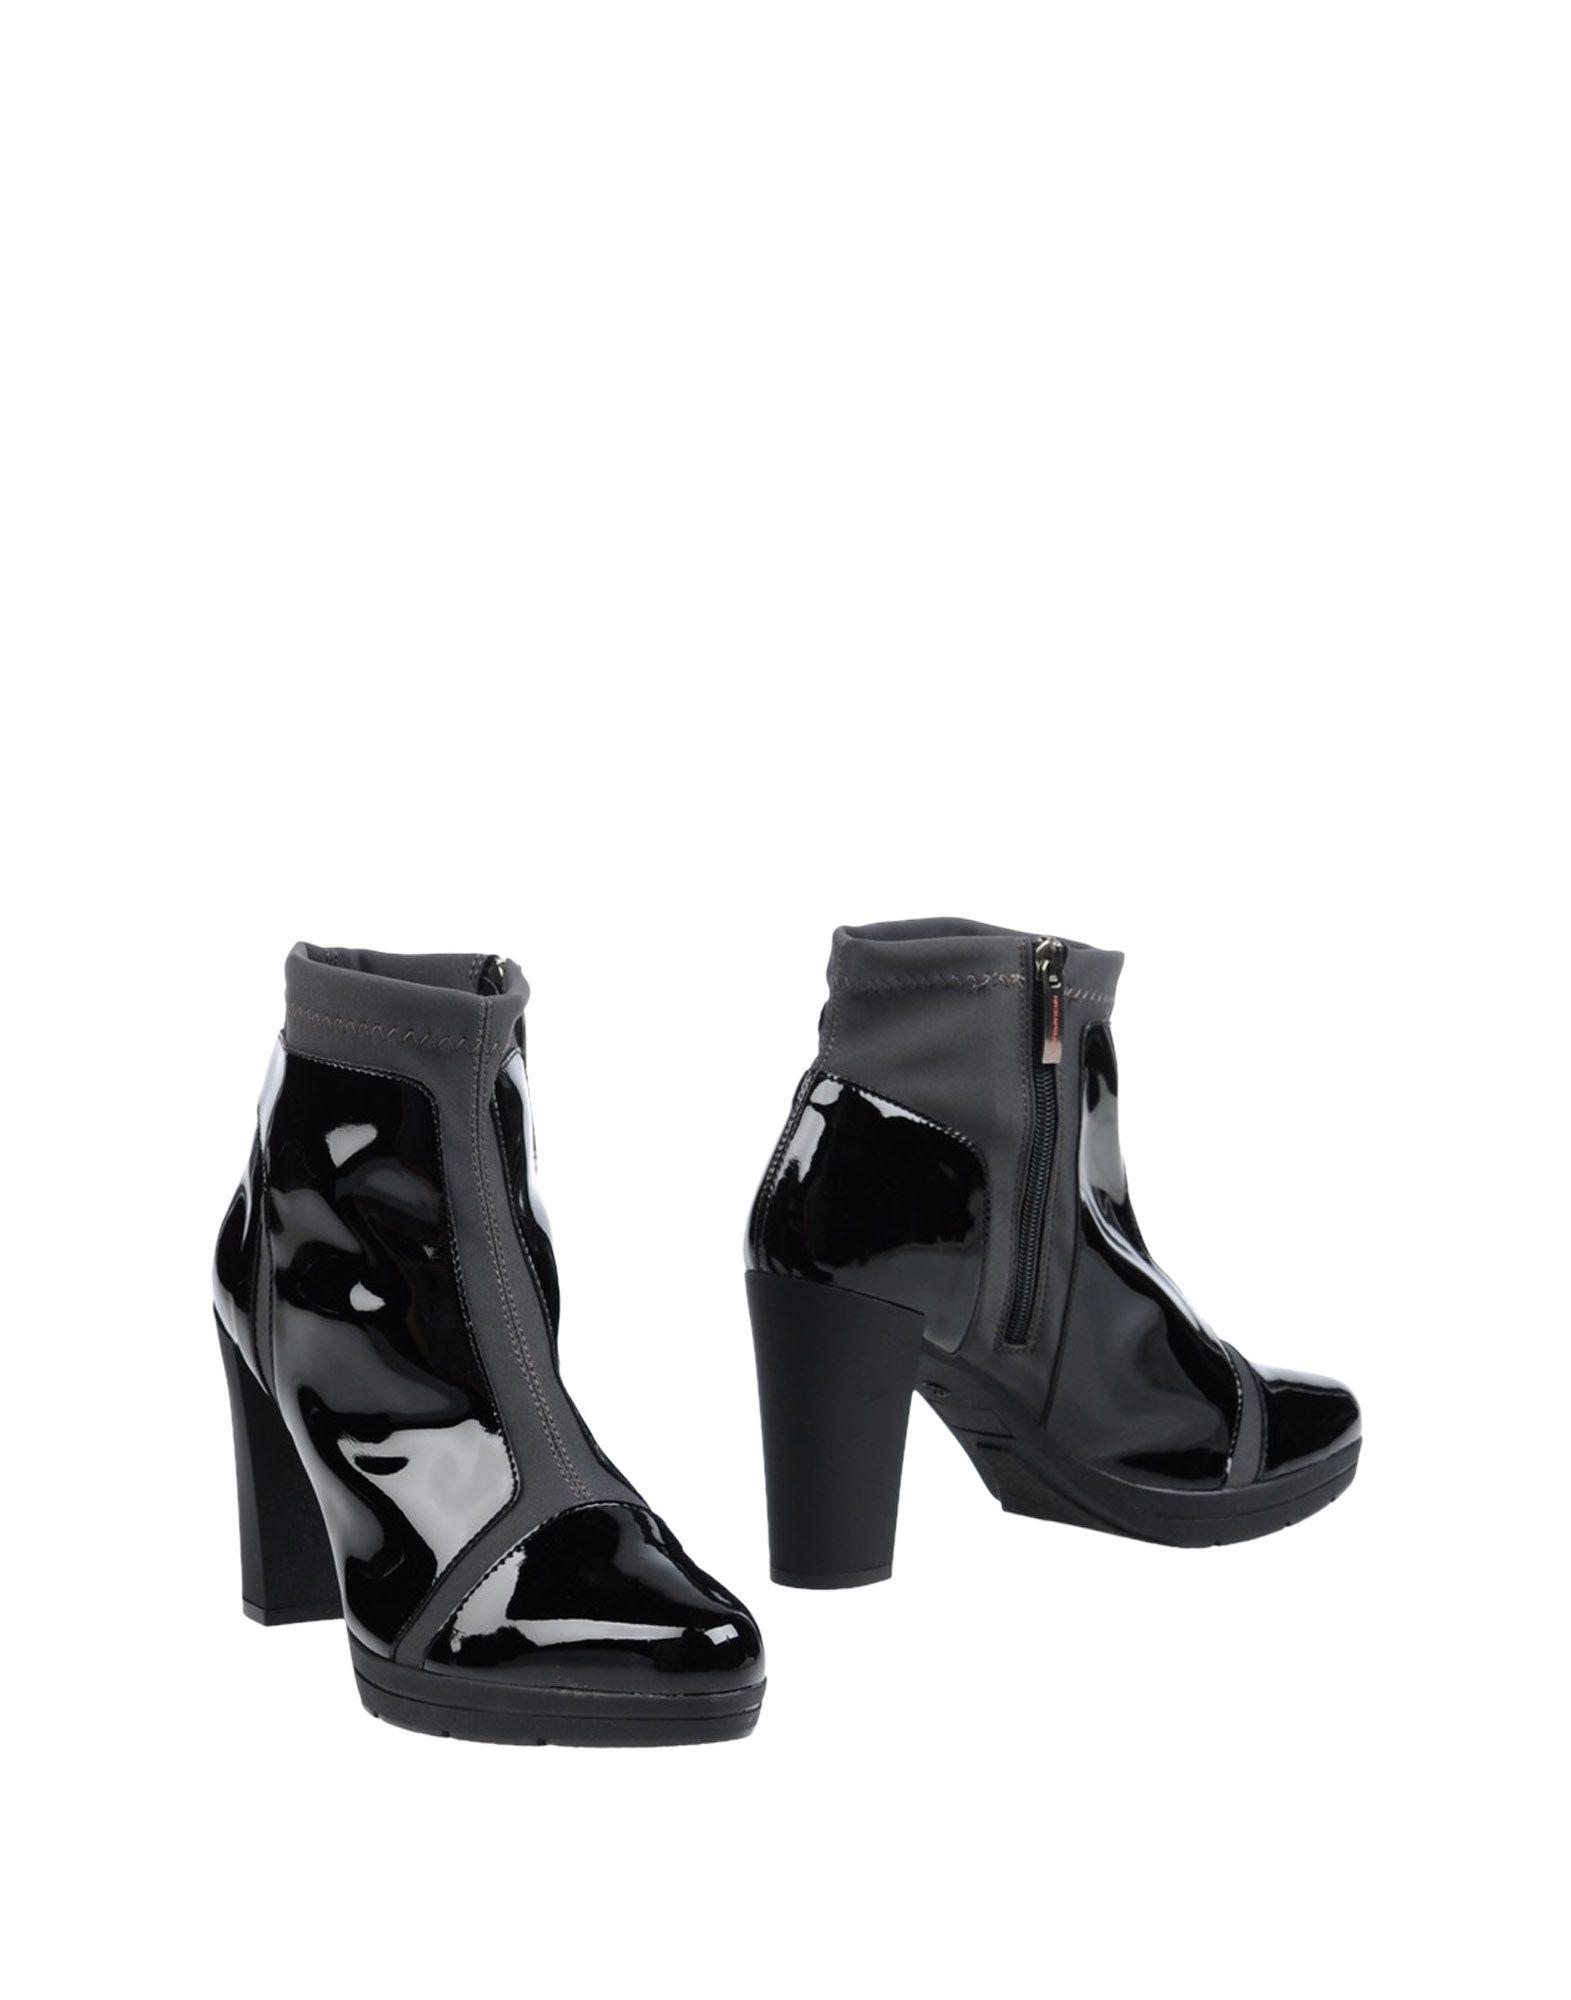 NR RAPISARDI Полусапоги и высокие ботинки цены онлайн